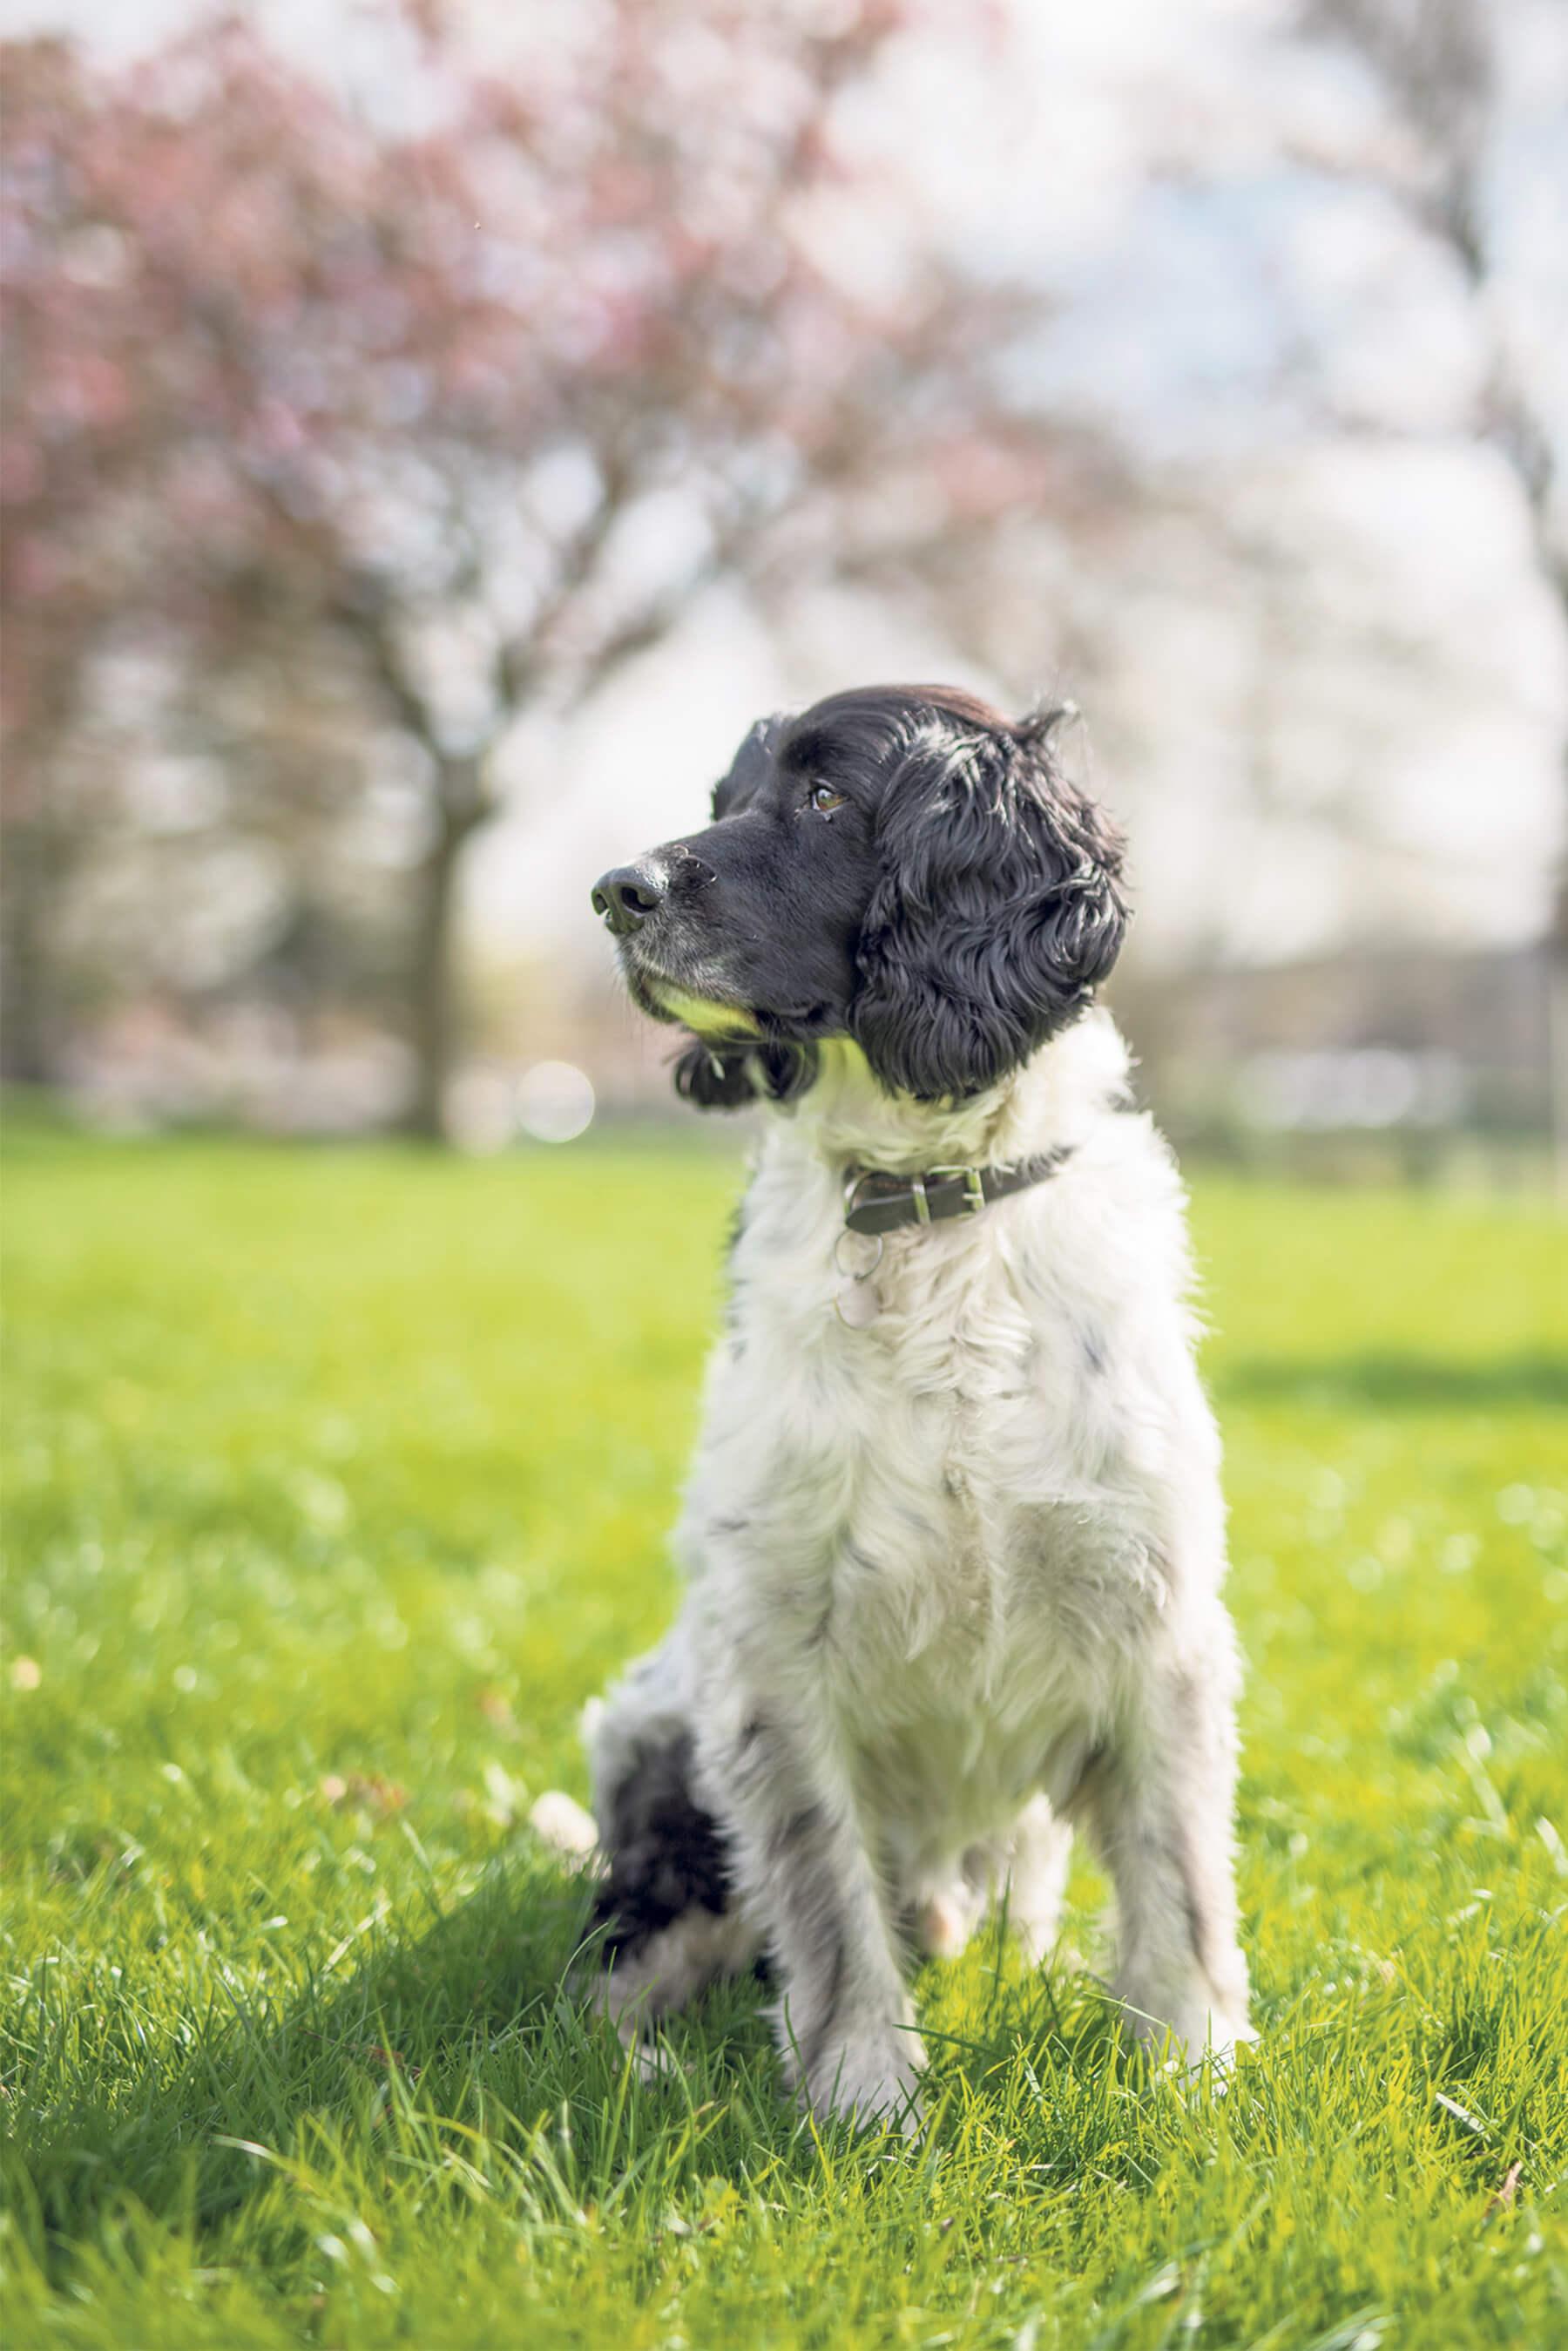 Standard lens portrait of dog